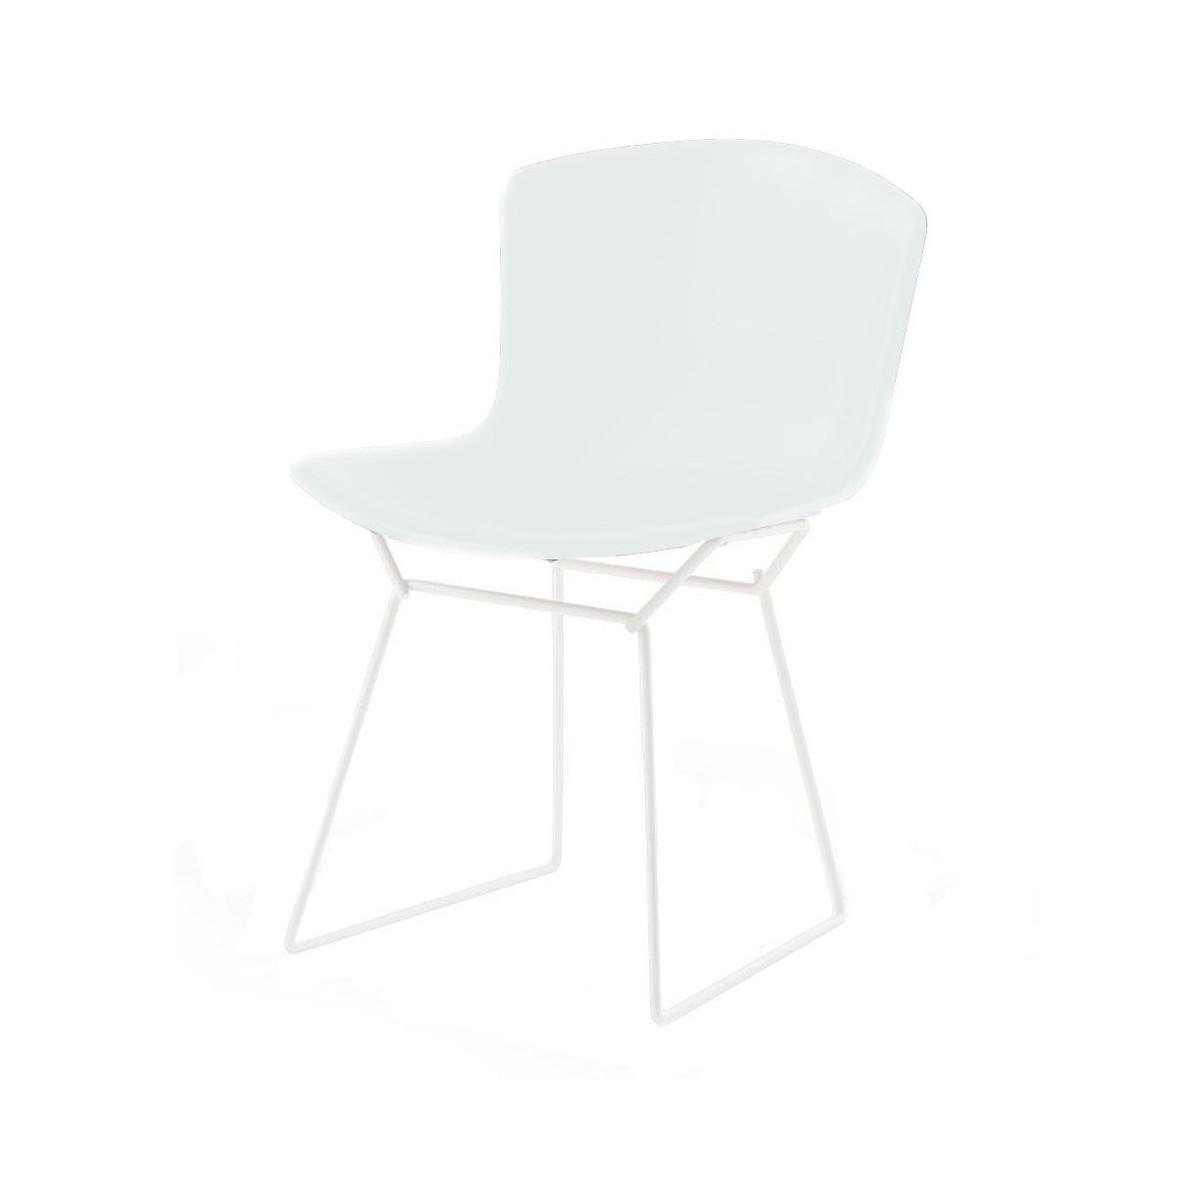 Bertoia chair white - Knoll International Bertoia Plastic Side Chair White White Polypropylene Frame White